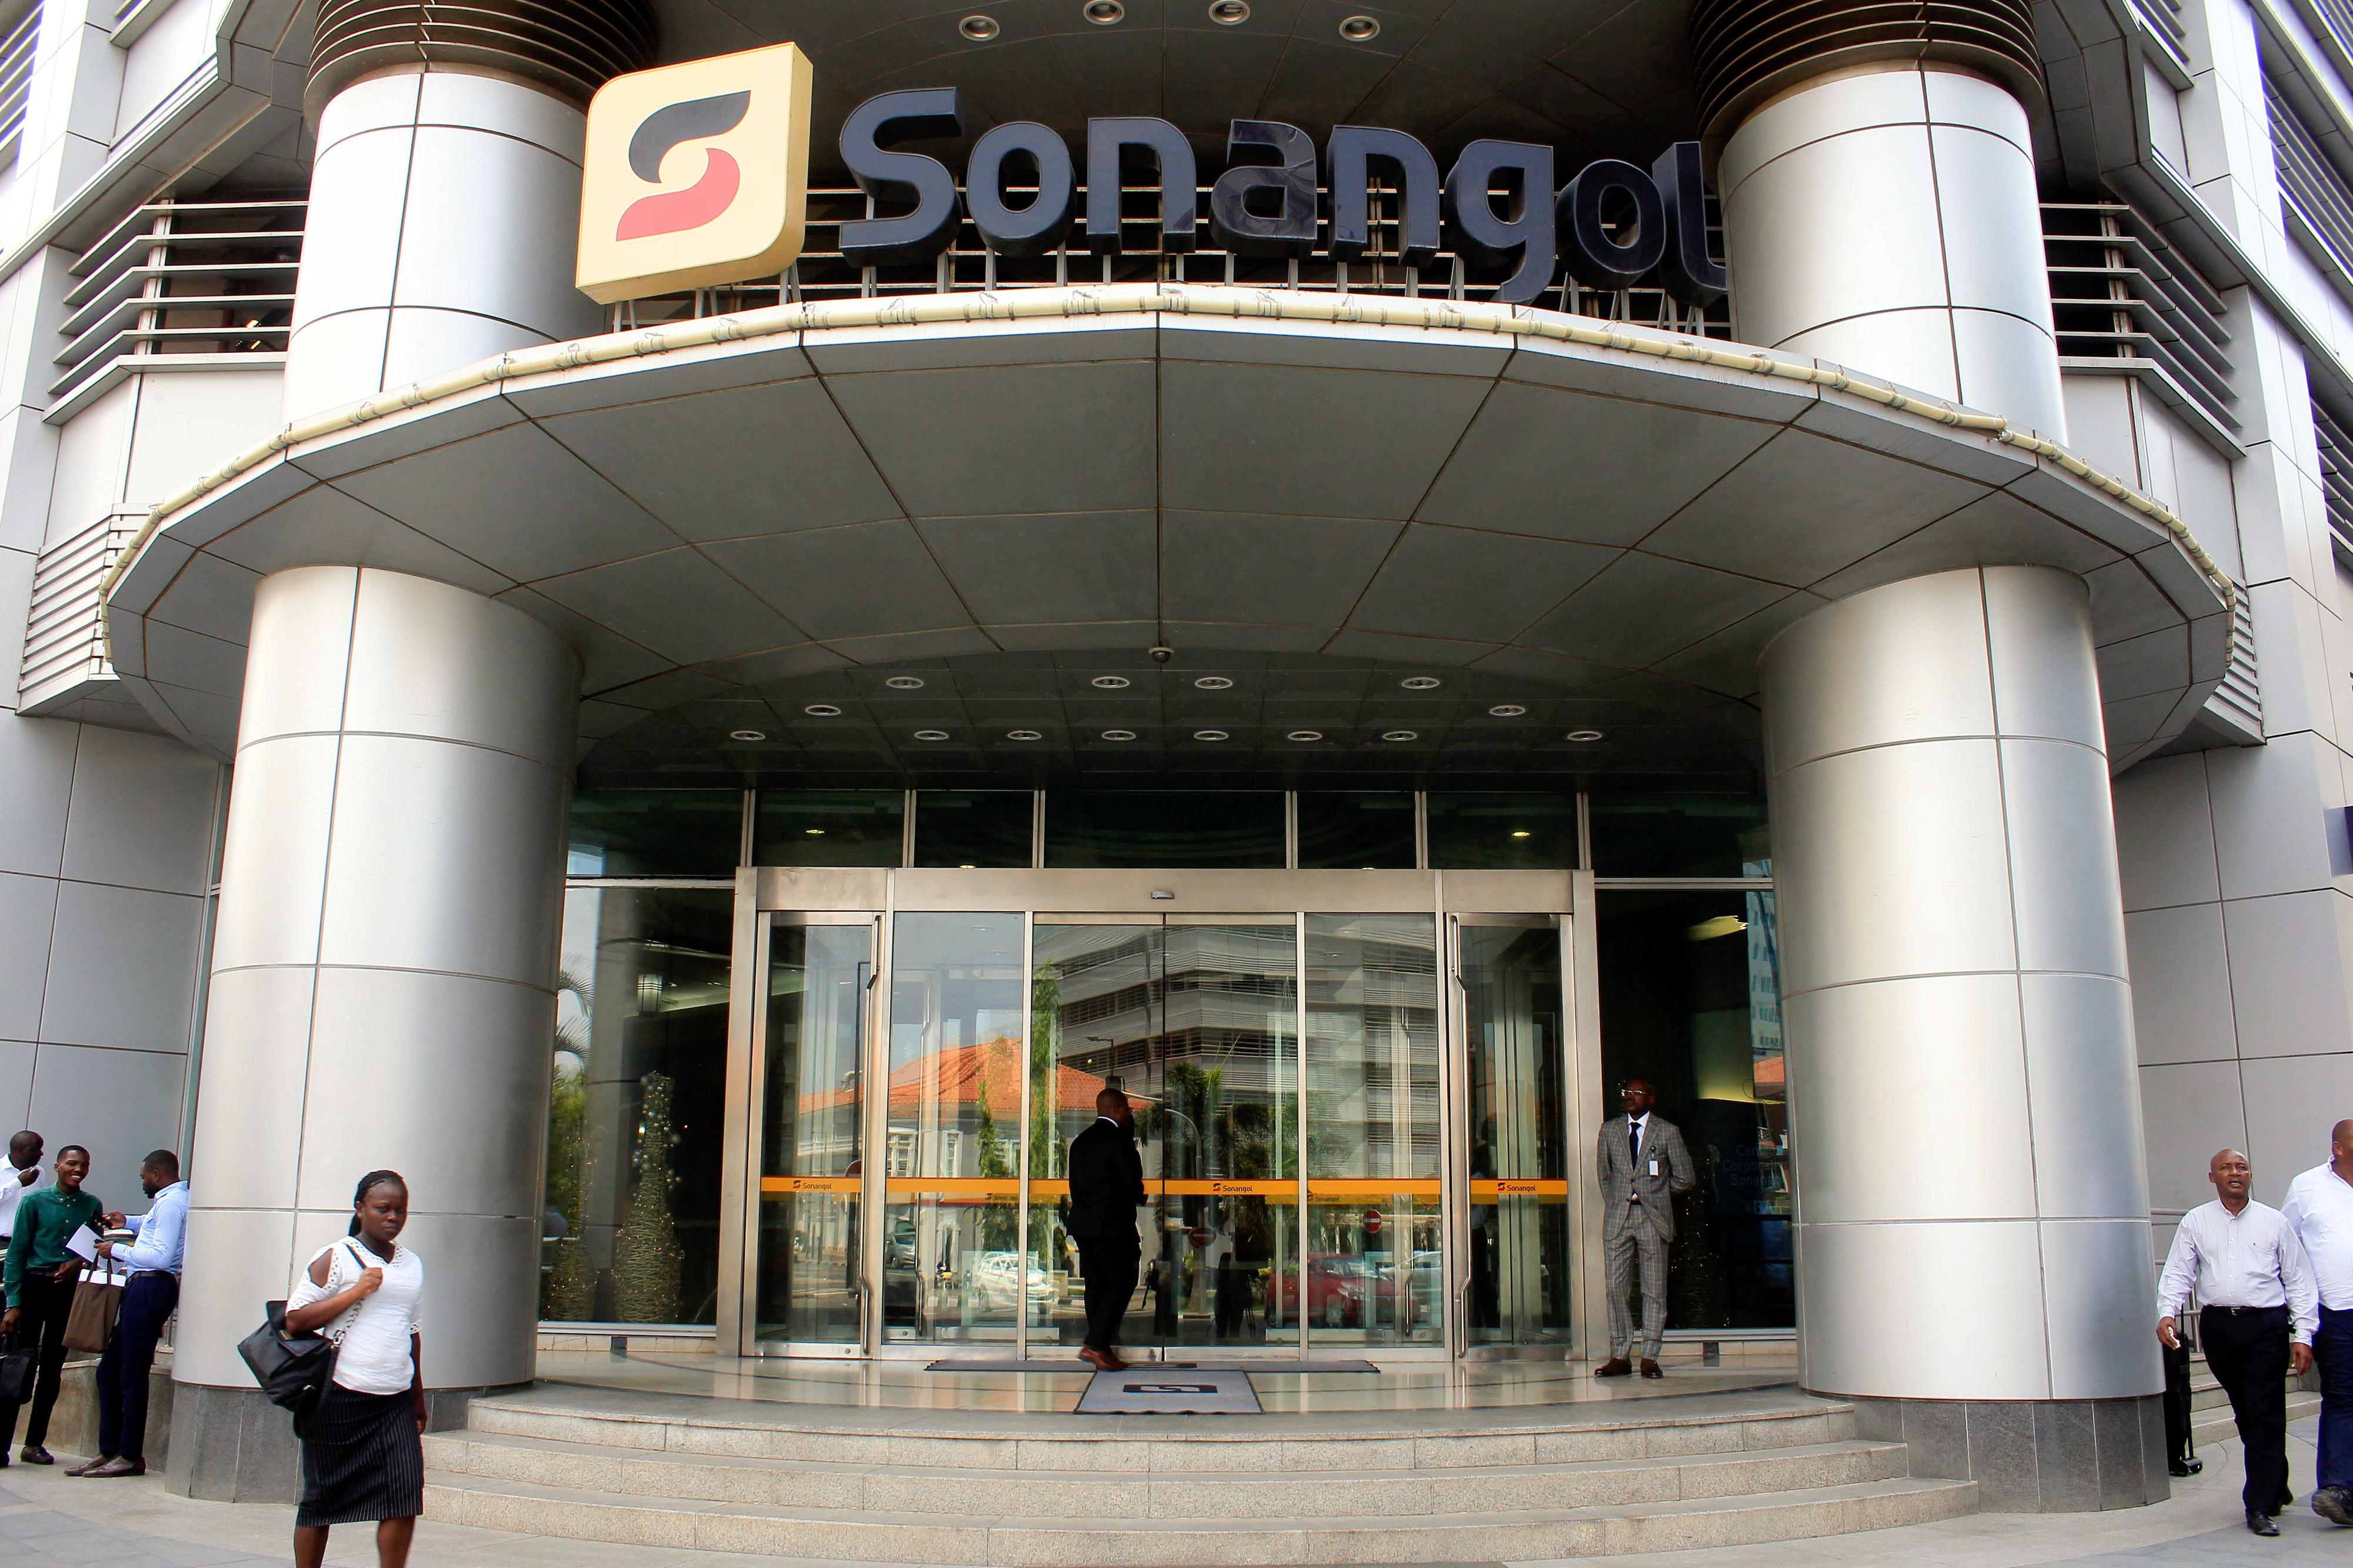 """Em menos de 24 horas, 57 milhões de dólares """"voaram"""" da conta da Sonangol no Eurobic em Lisboa"""